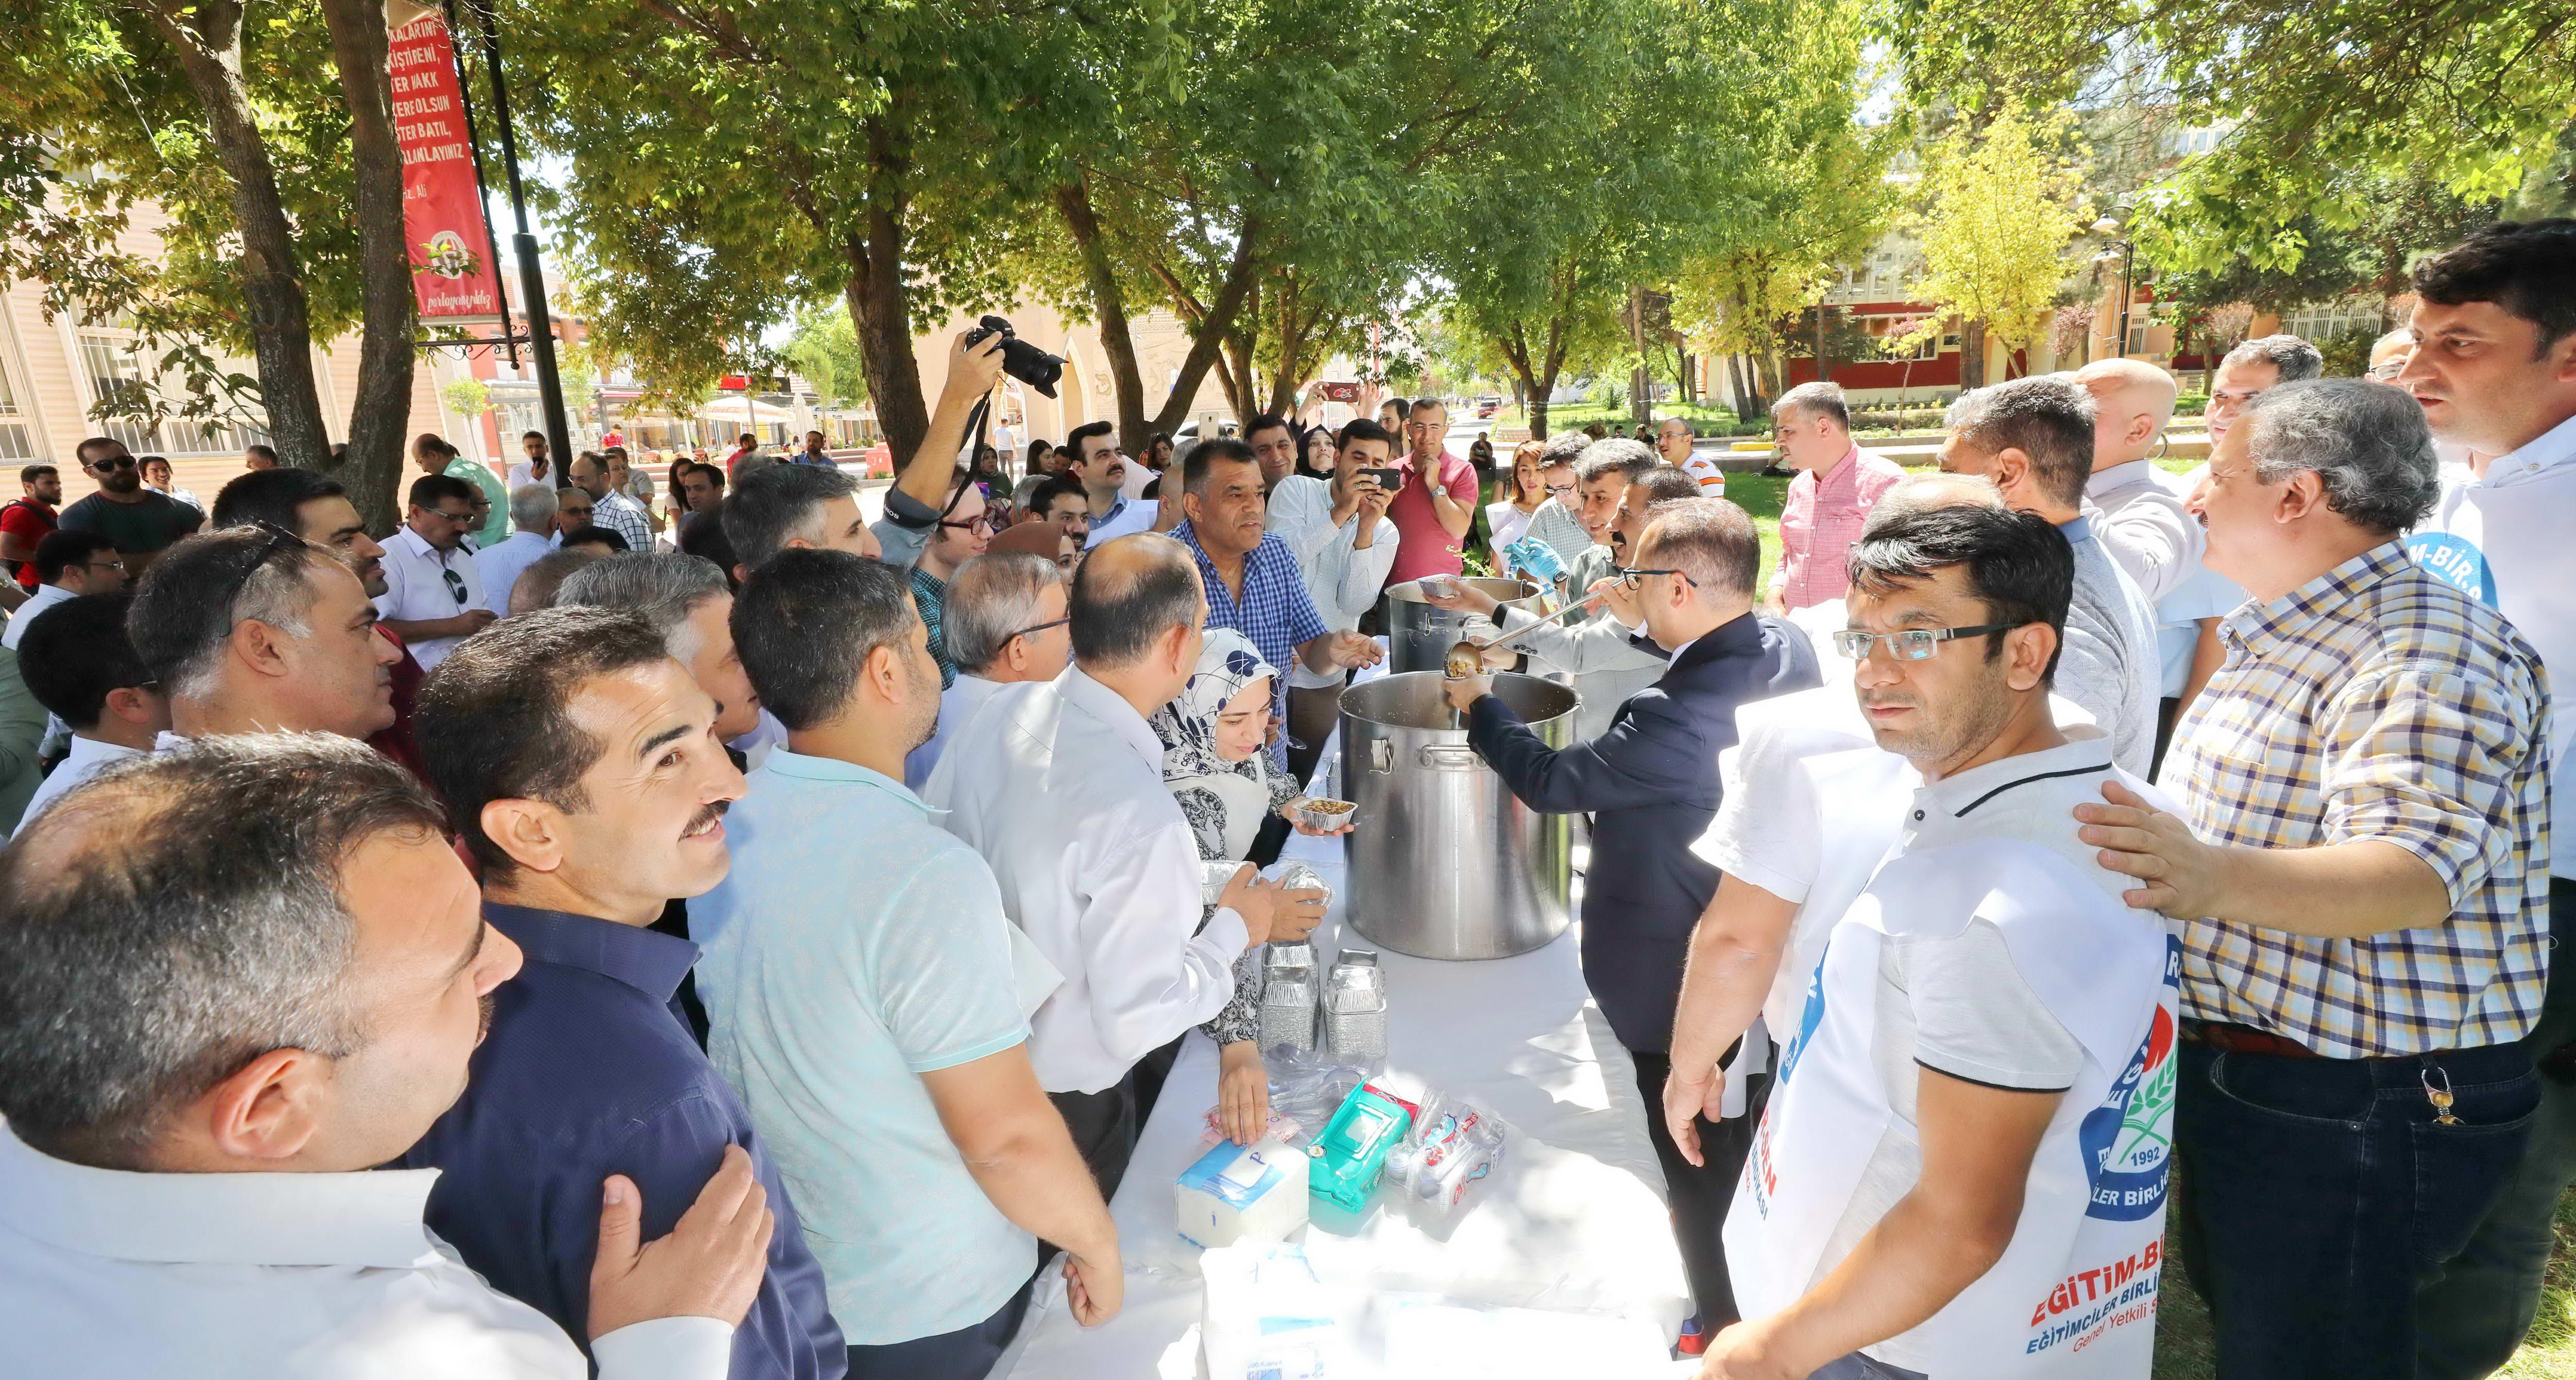 Eğitim–Bir-Sen Gaziantep Üniversitesi Temsilciliği'nden bin kişiye aşure-3